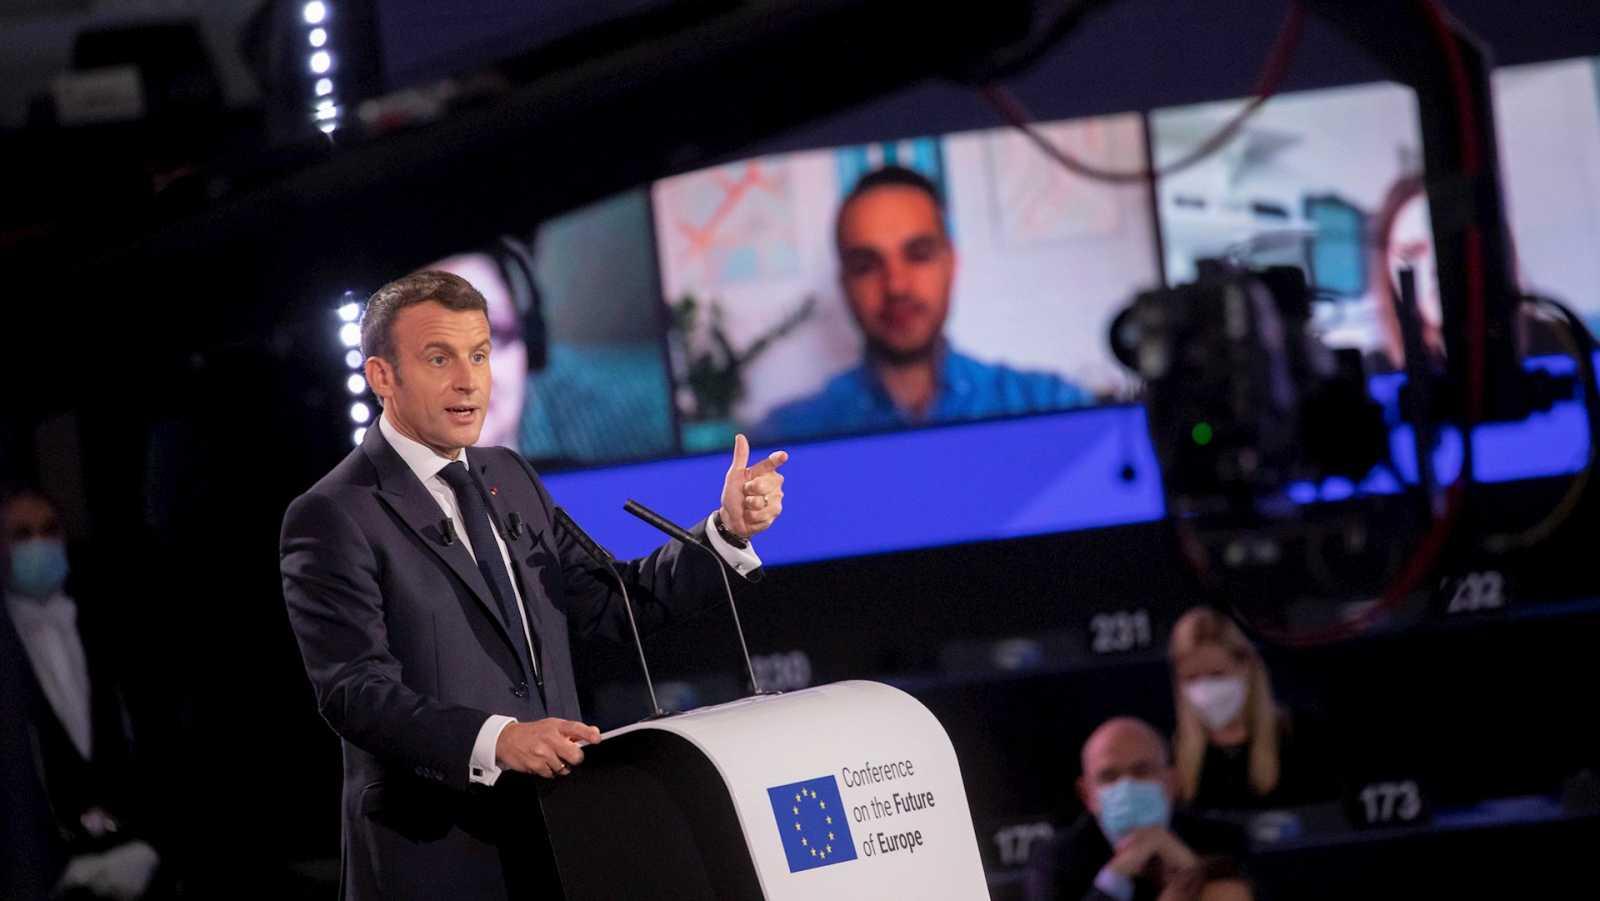 14 horas Fin de Semana - La Unión mira hacia el futuro en el Día de Europa - Escuchar ahora